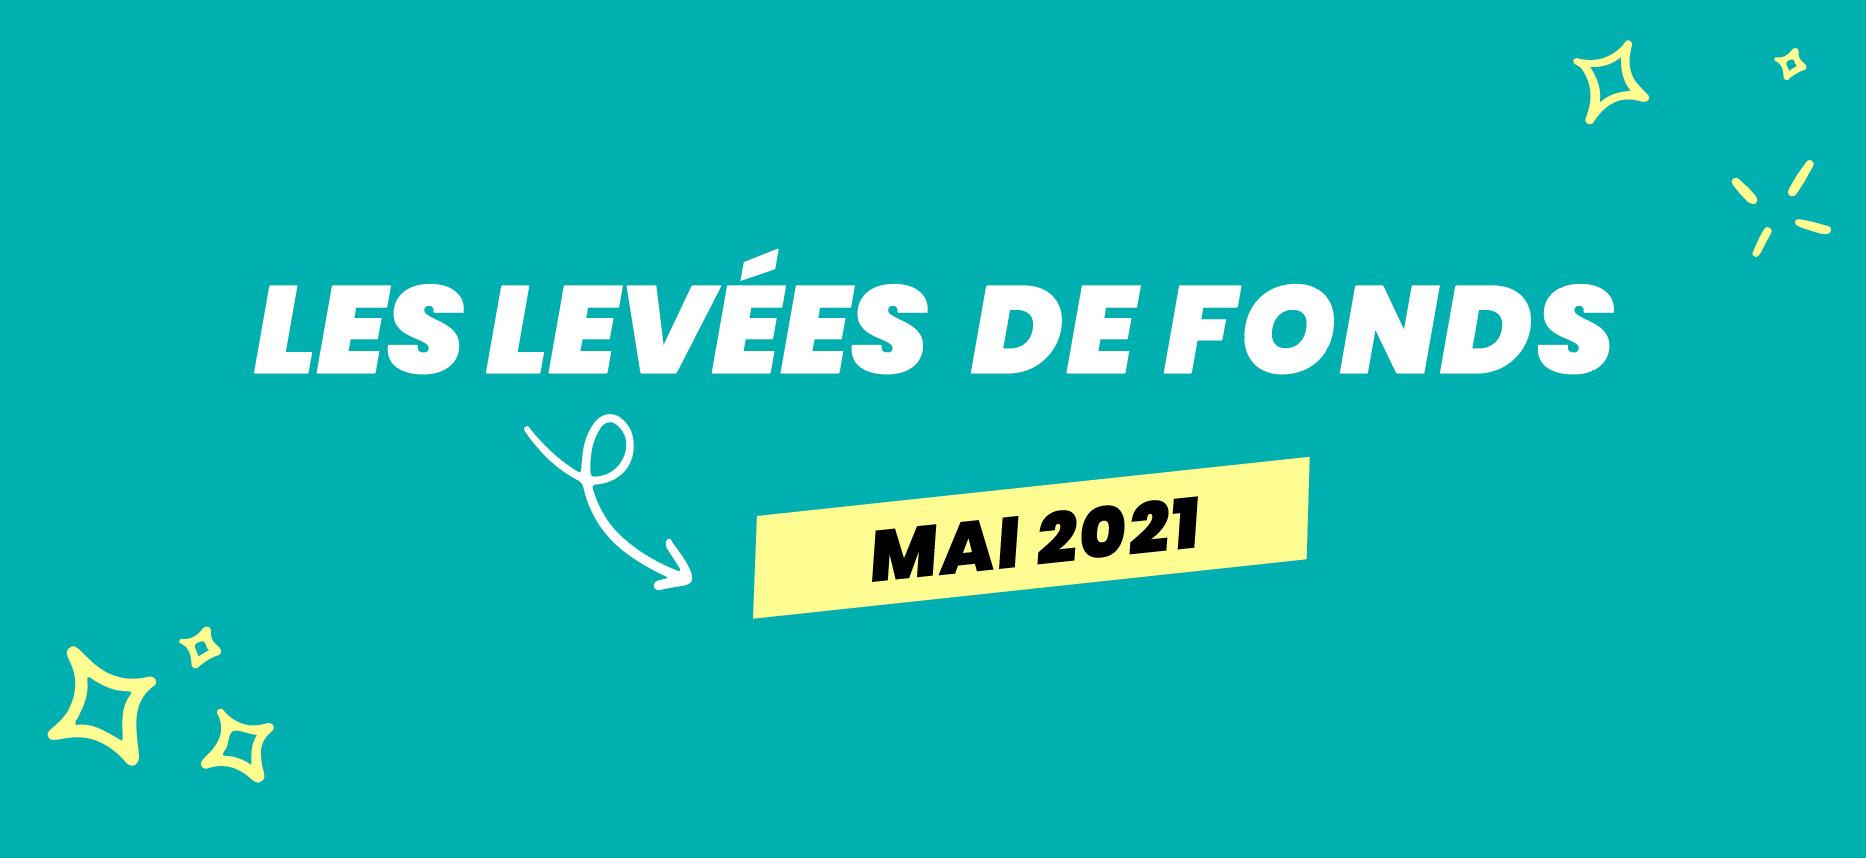 Les levées de fonds de mai 2021